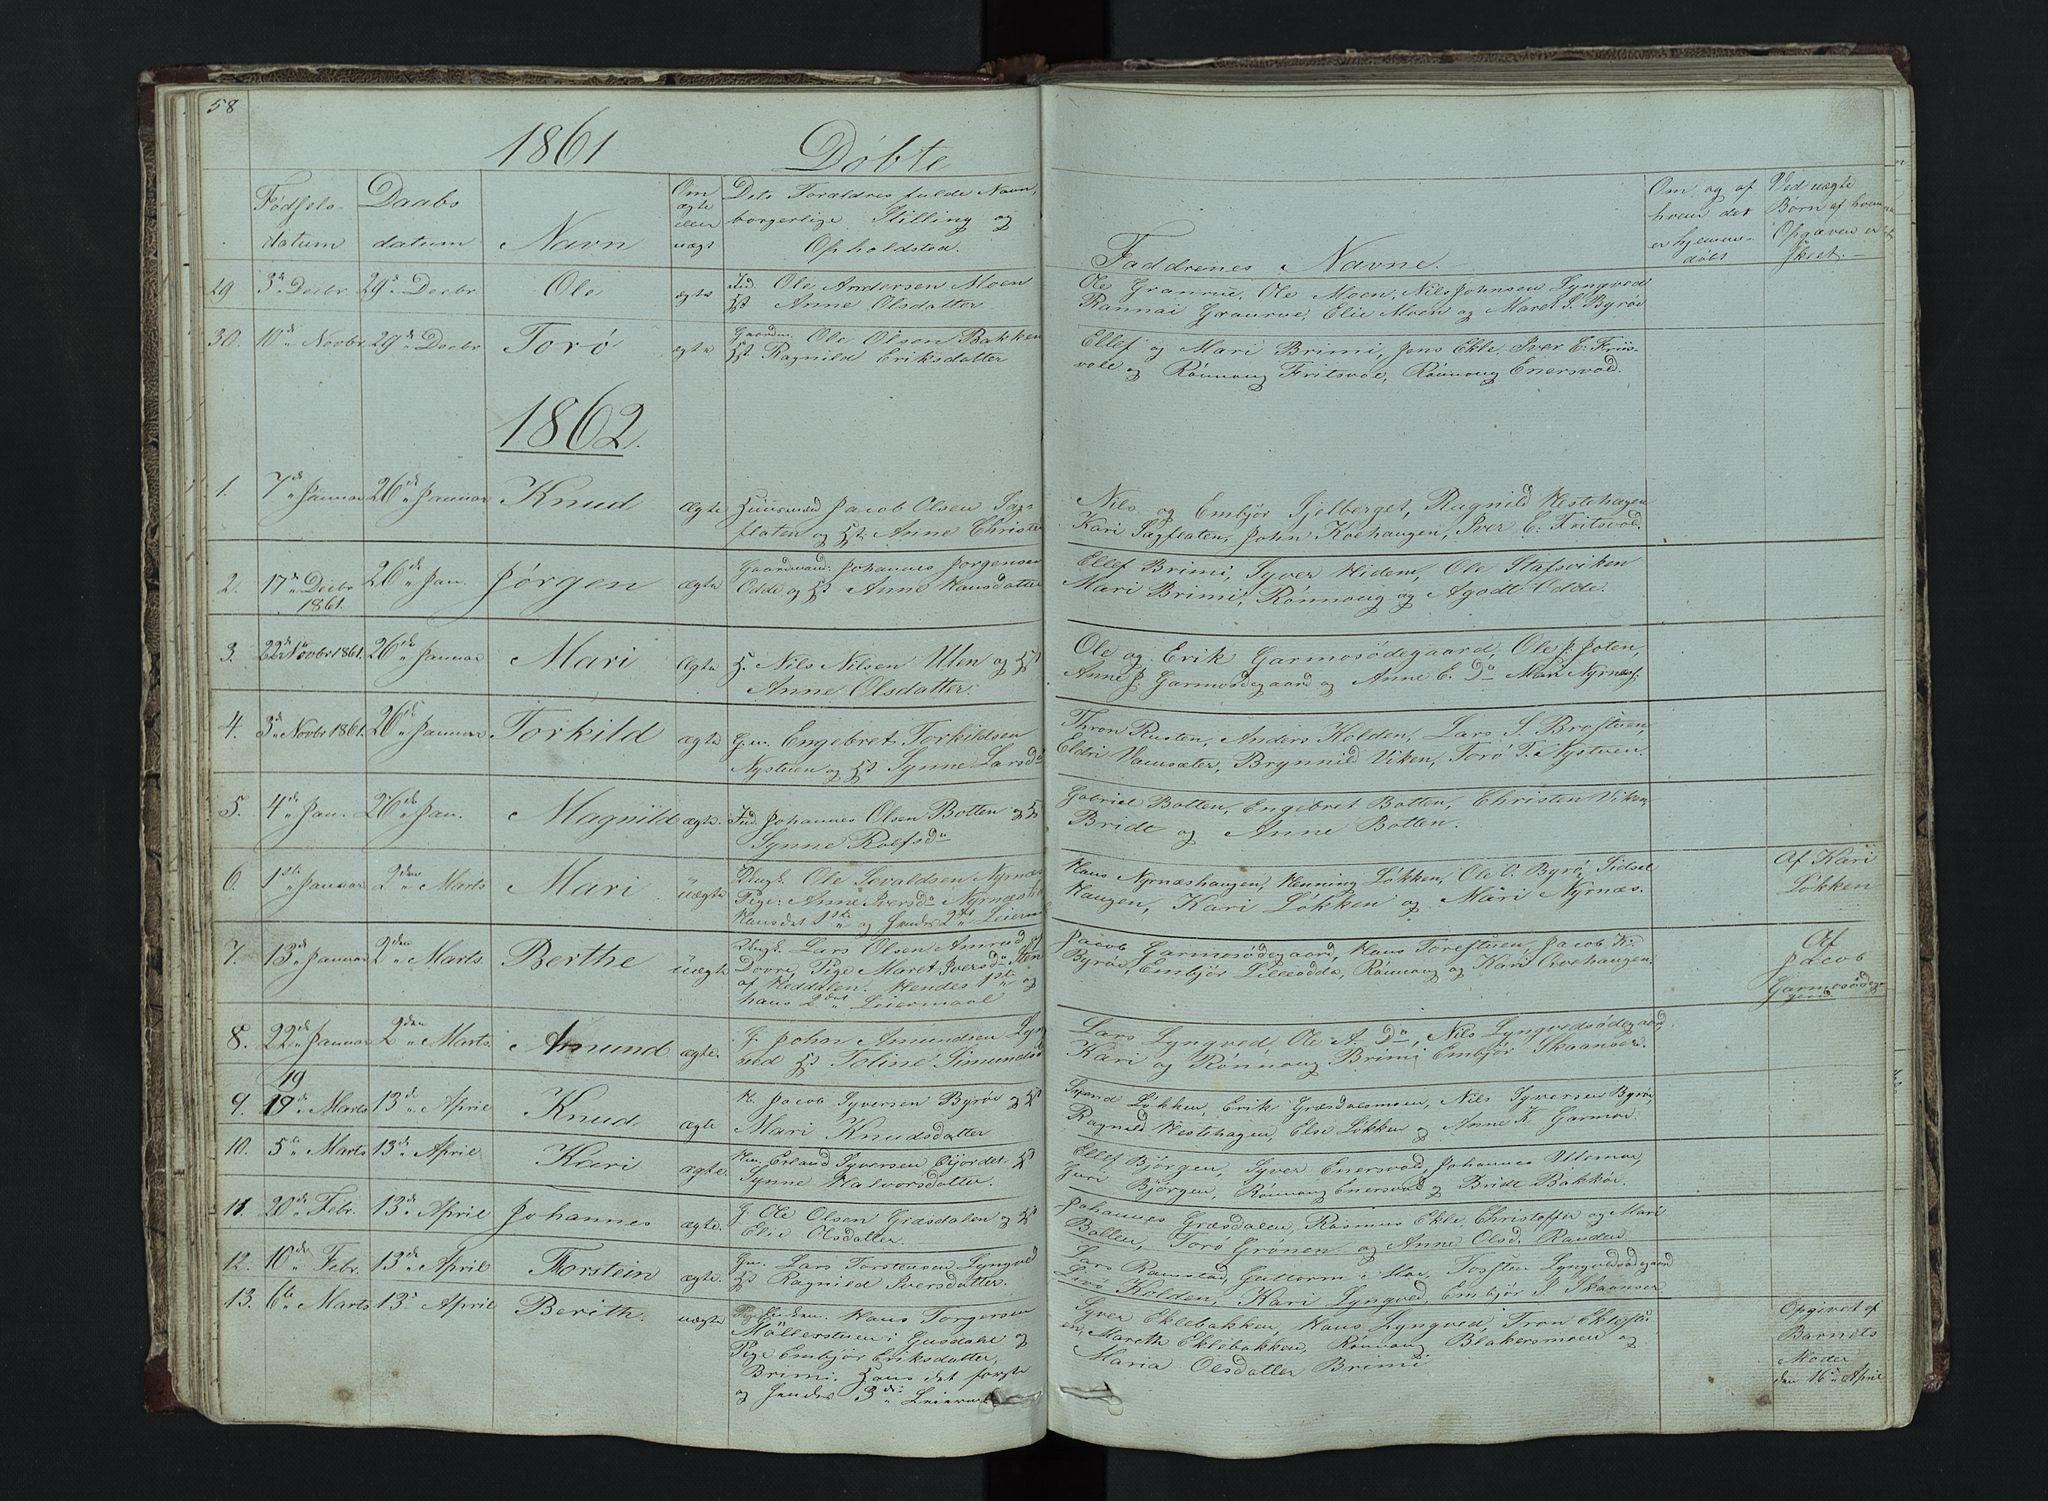 SAH, Lom prestekontor, L/L0014: Klokkerbok nr. 14, 1845-1876, s. 58-59